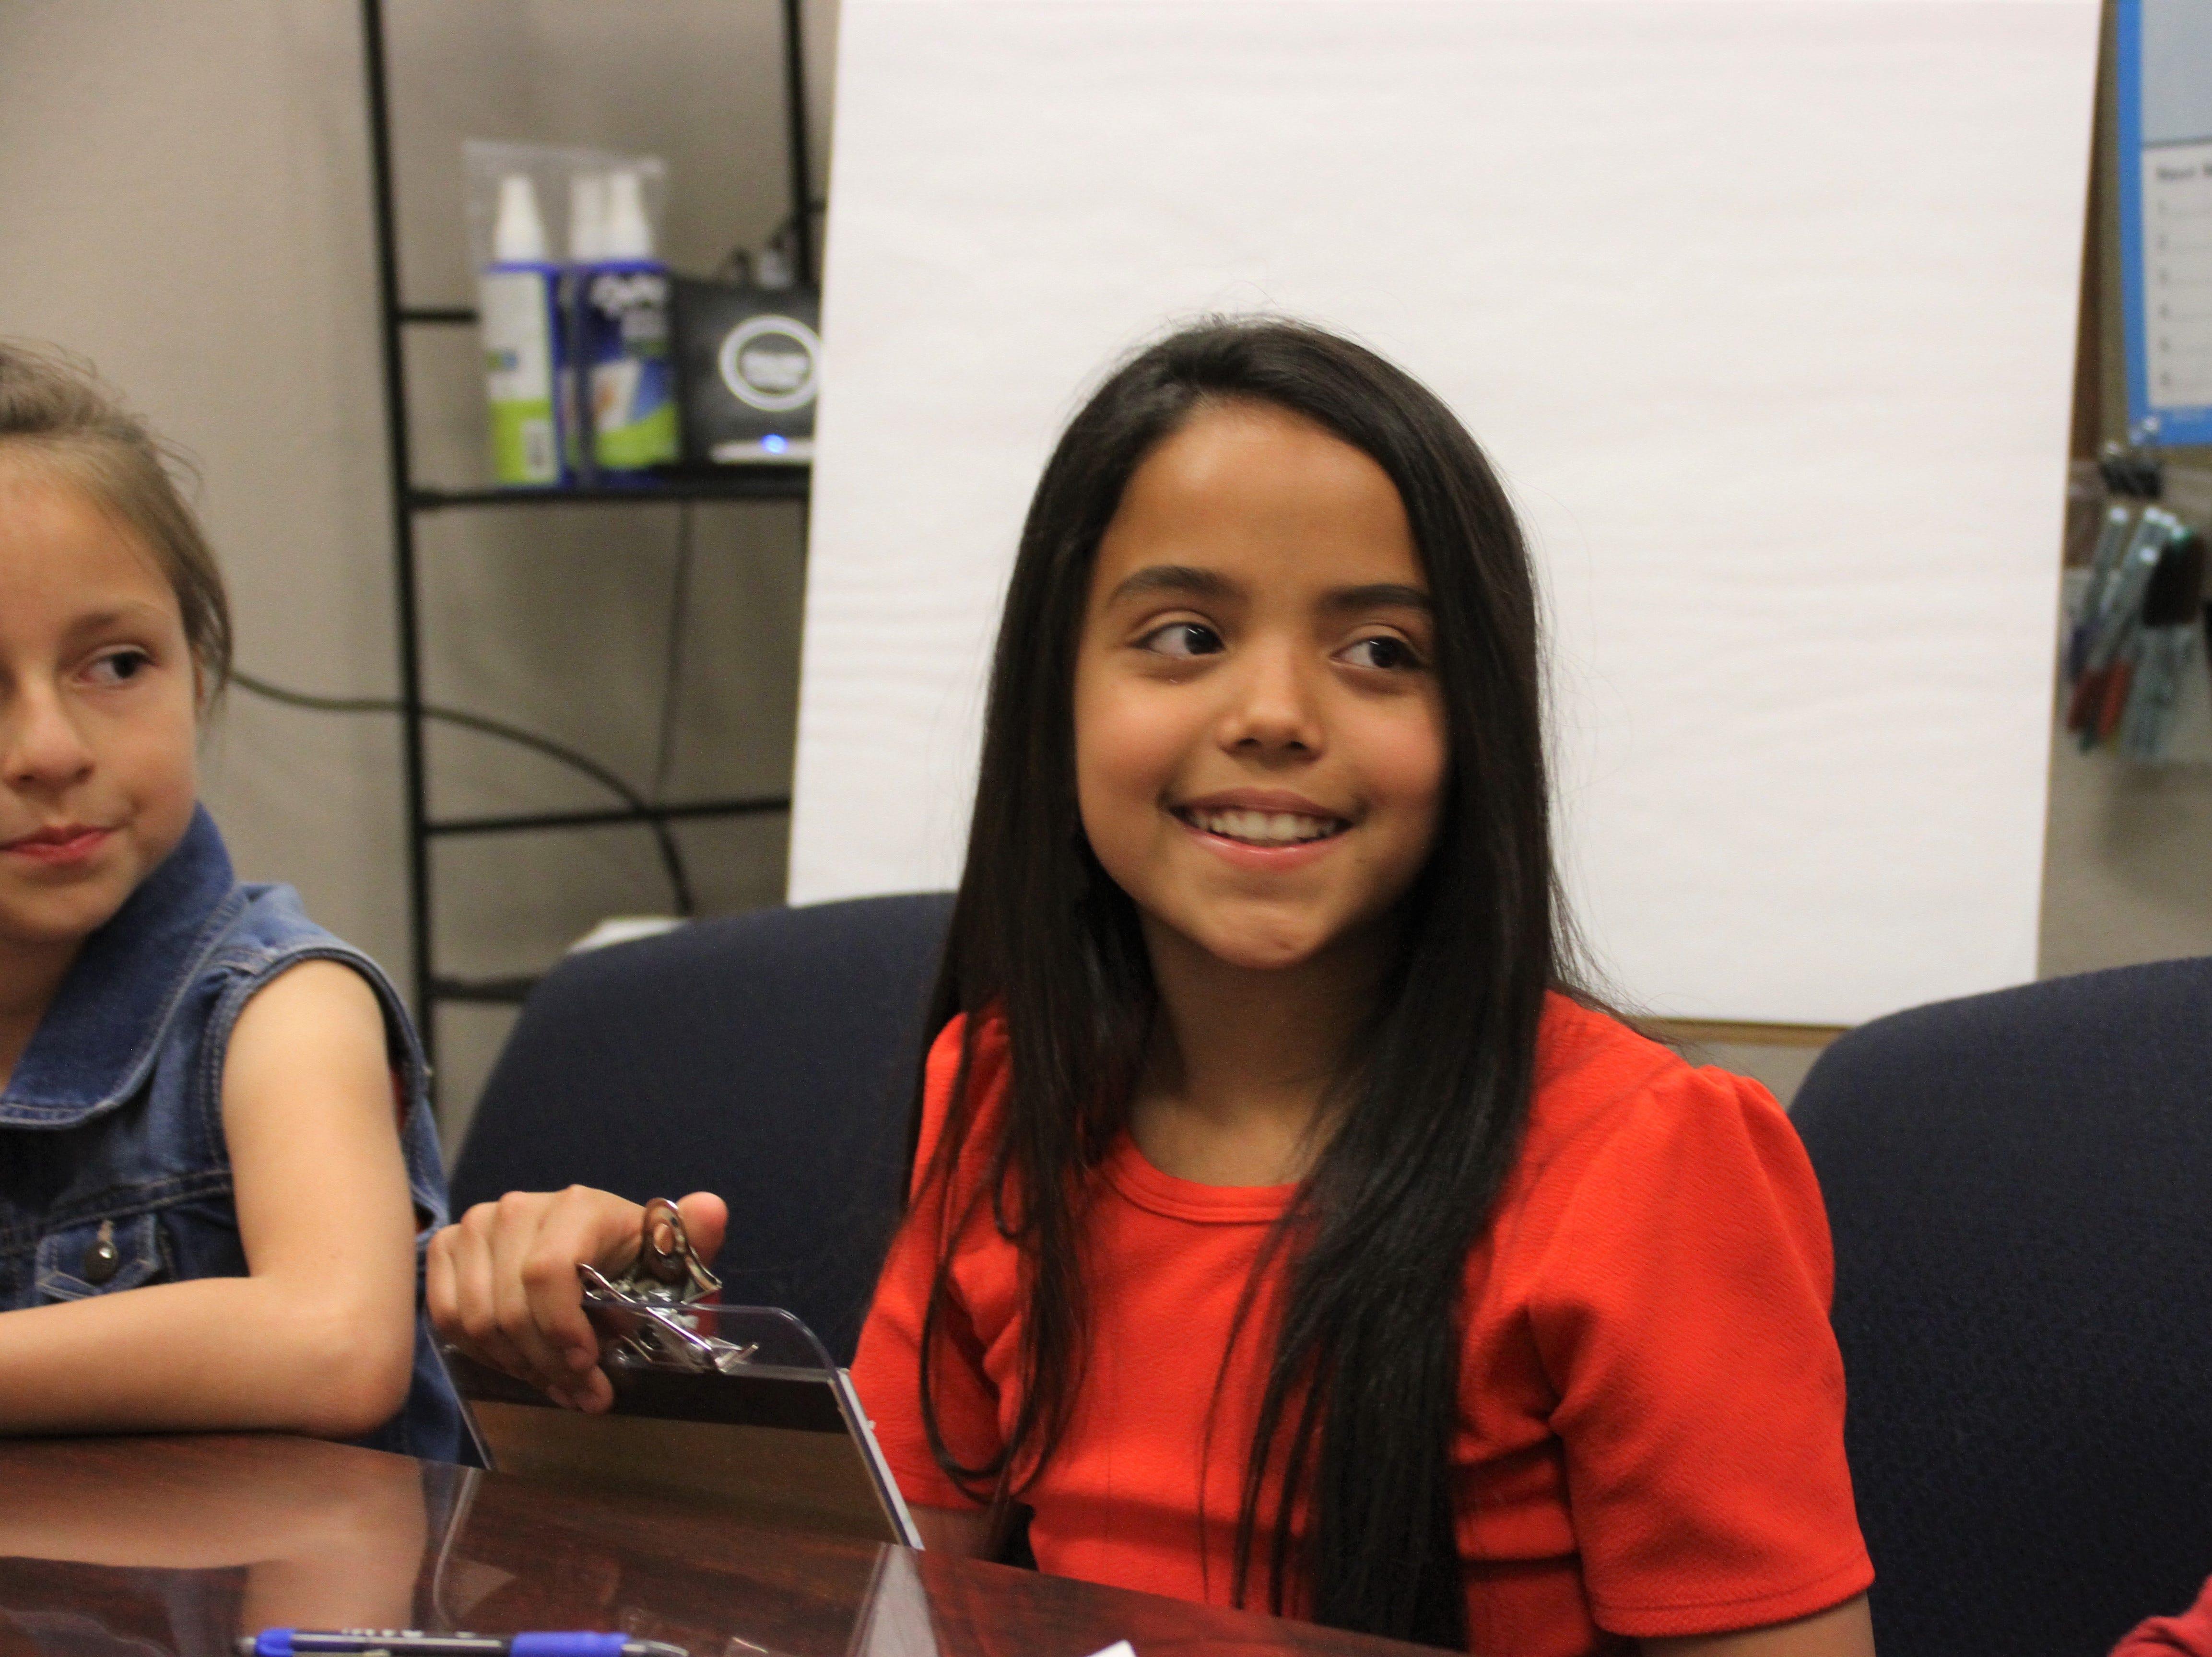 Bella Wyman, 11, of Bell Elementary School.